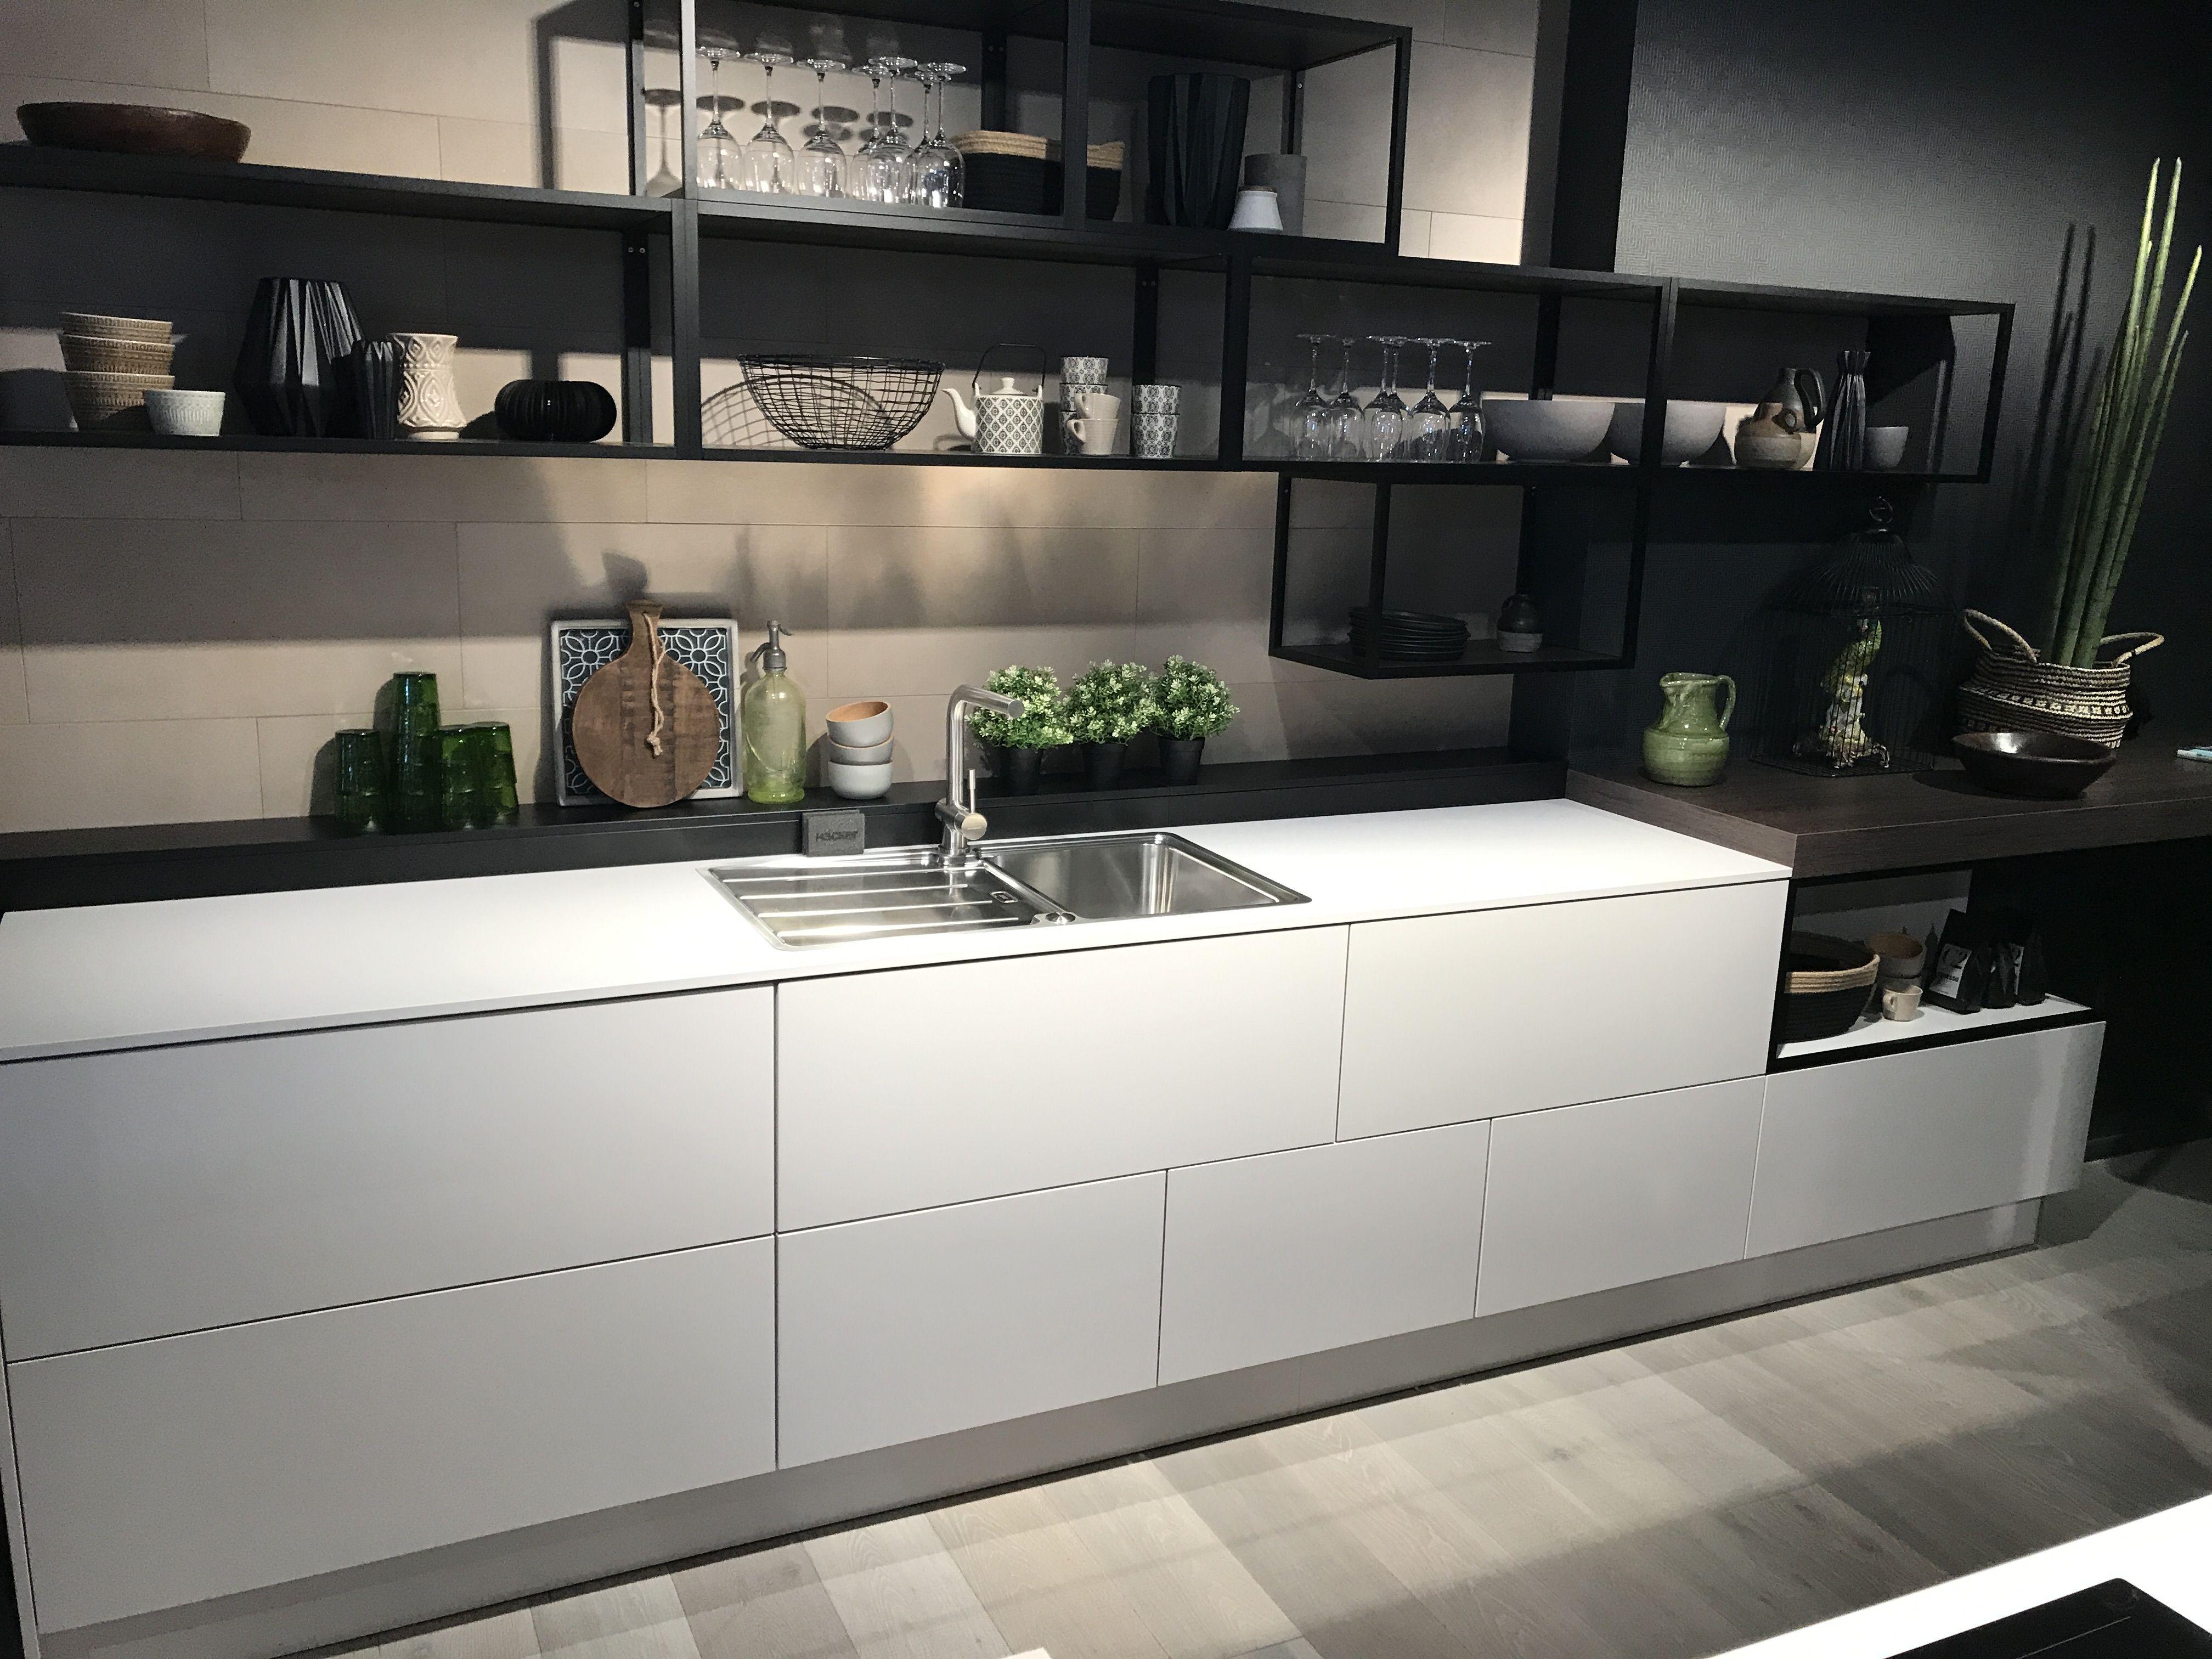 Kleinkühlschrank Aldi : Aldi nord wasserhahn küche staud media light haus und design